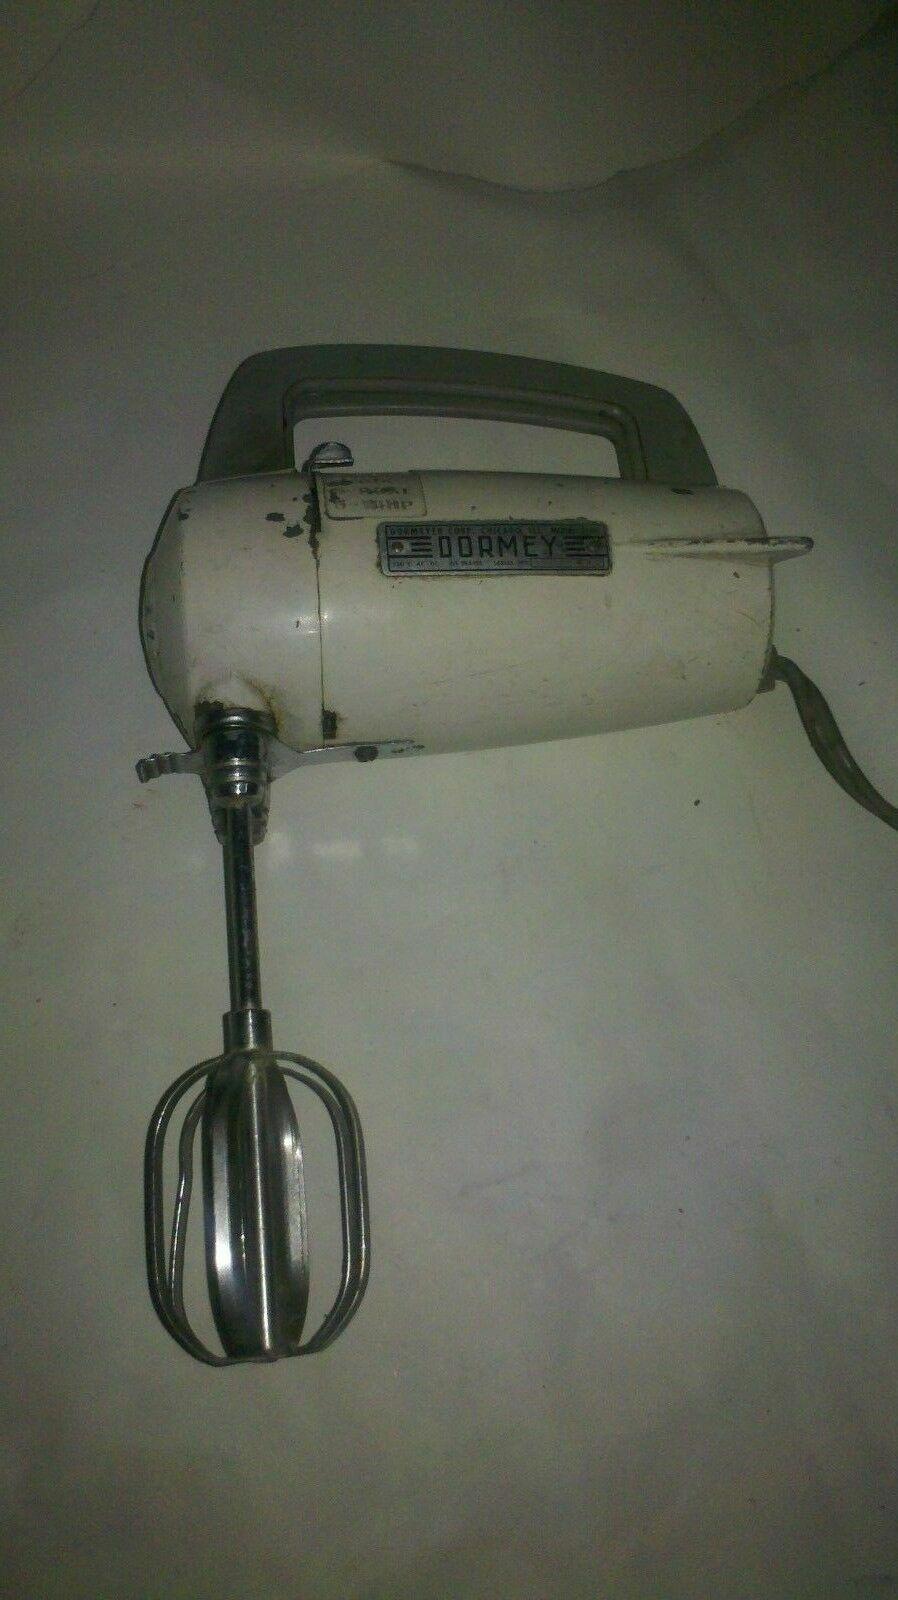 Sbattitore elettrico anni 50 americano Dormey model 7500